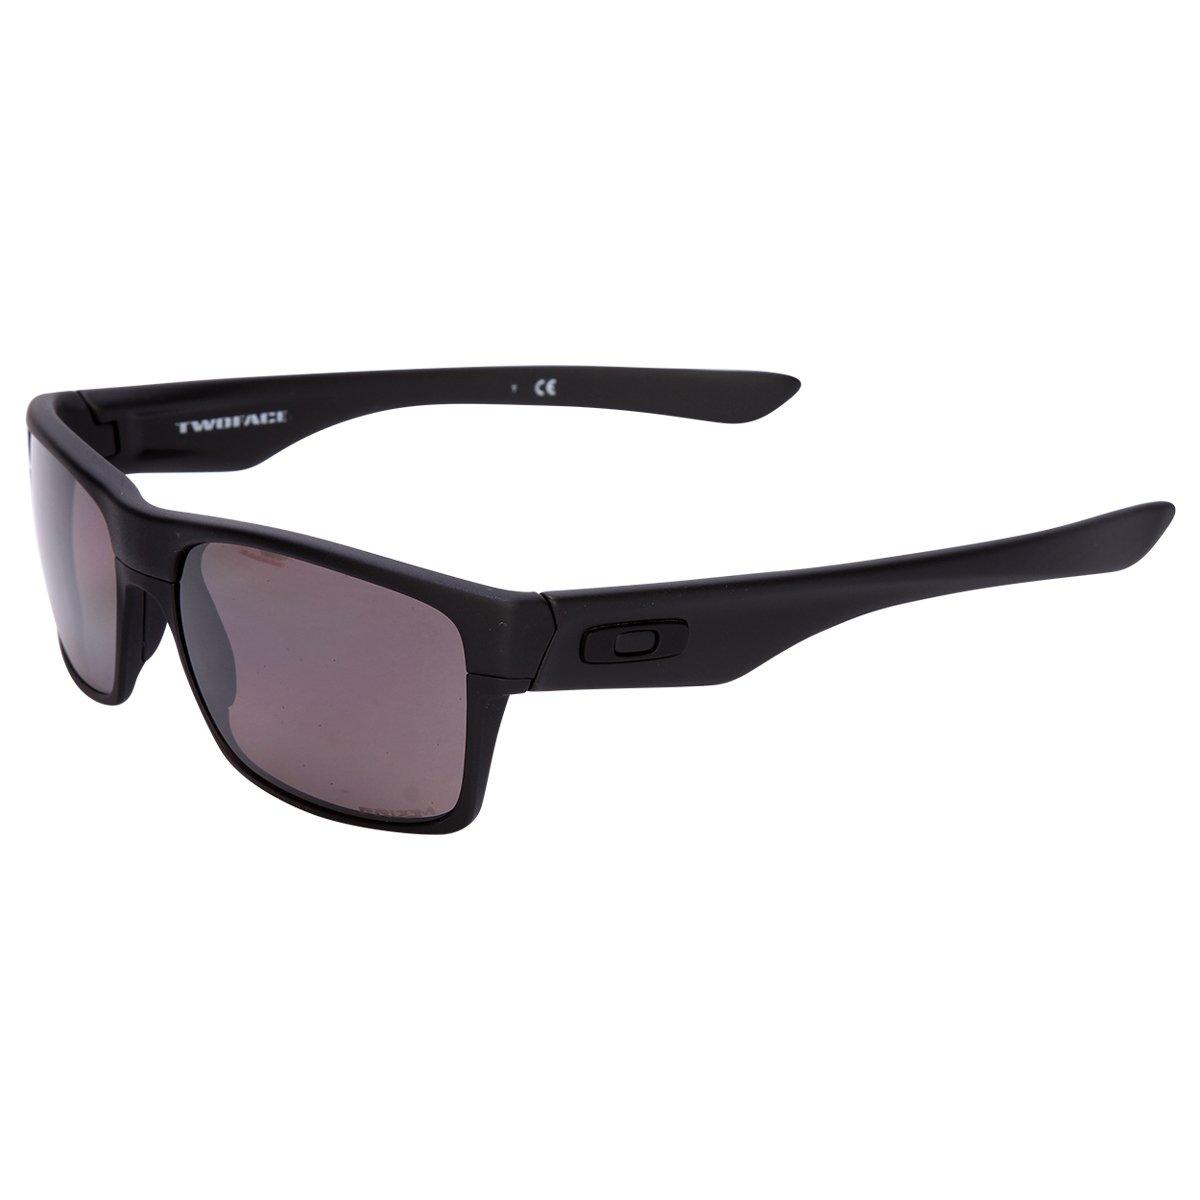 a49dd1f5c19a0 Óculos Oakley Two Face Covert Matte - Prizm Daily Polarizado - Compre Agora